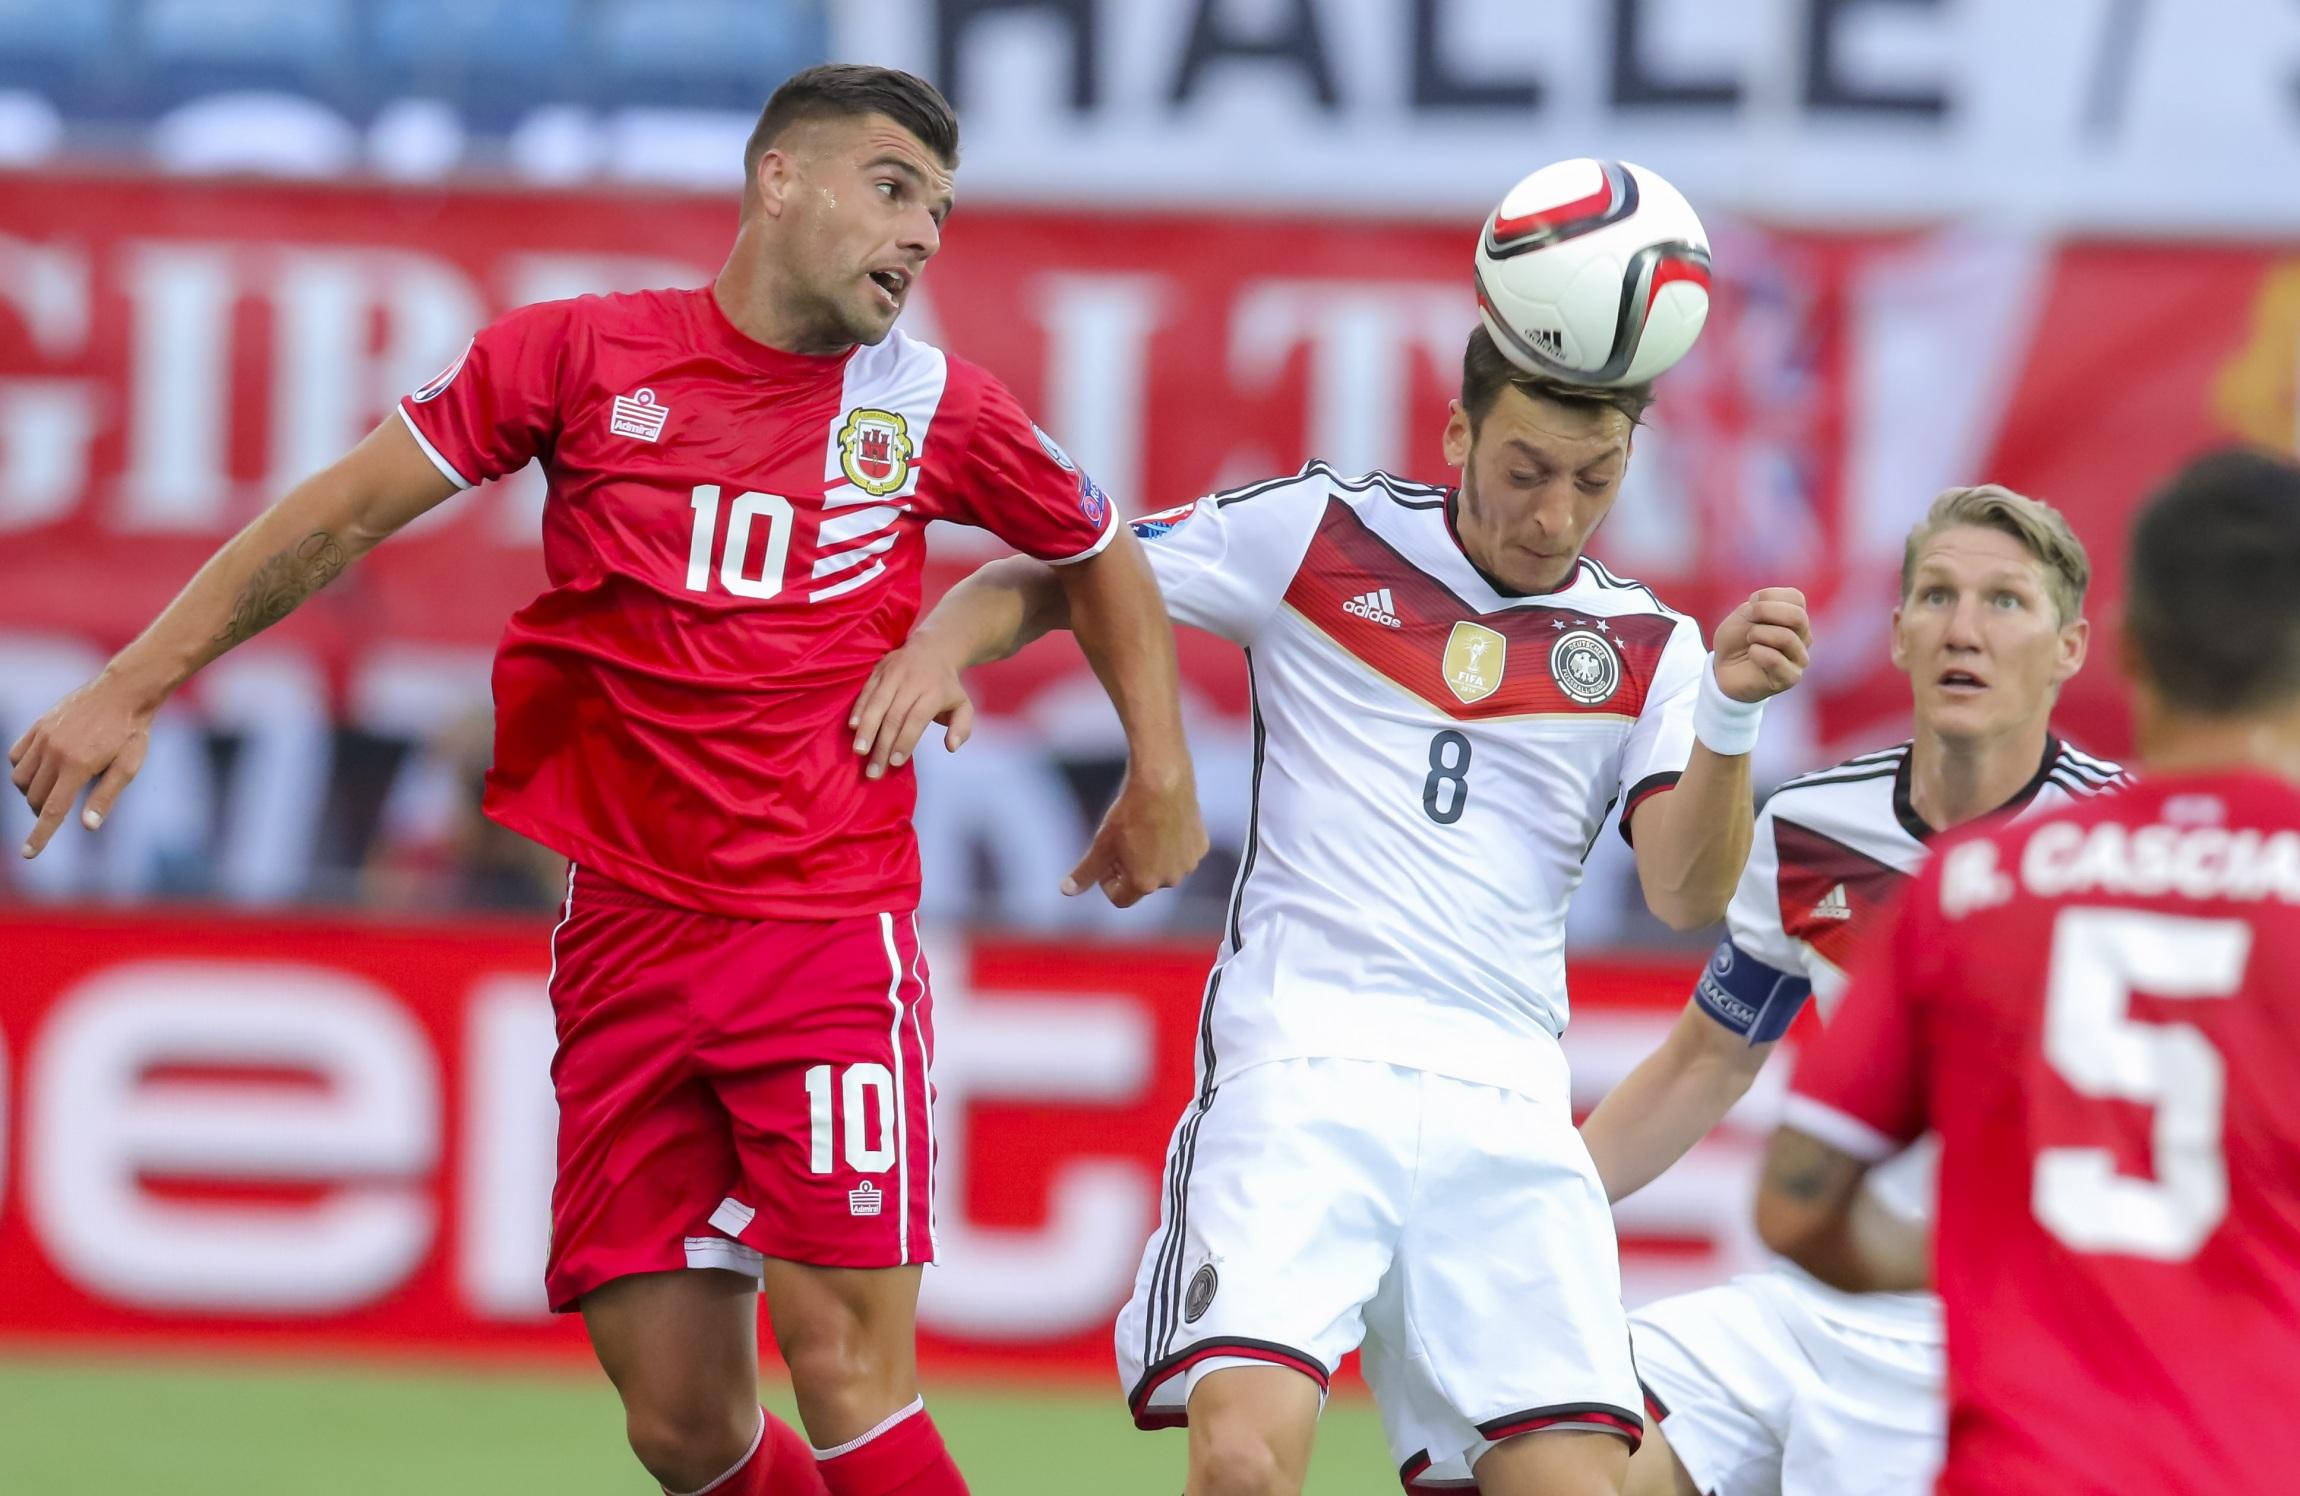 Jucătorii naționalei Gibraltar într-un meci jucat cu Germania, la prima participare a naționalei la calificările pentru Euro 2016. Sursă foto: hepta.ro